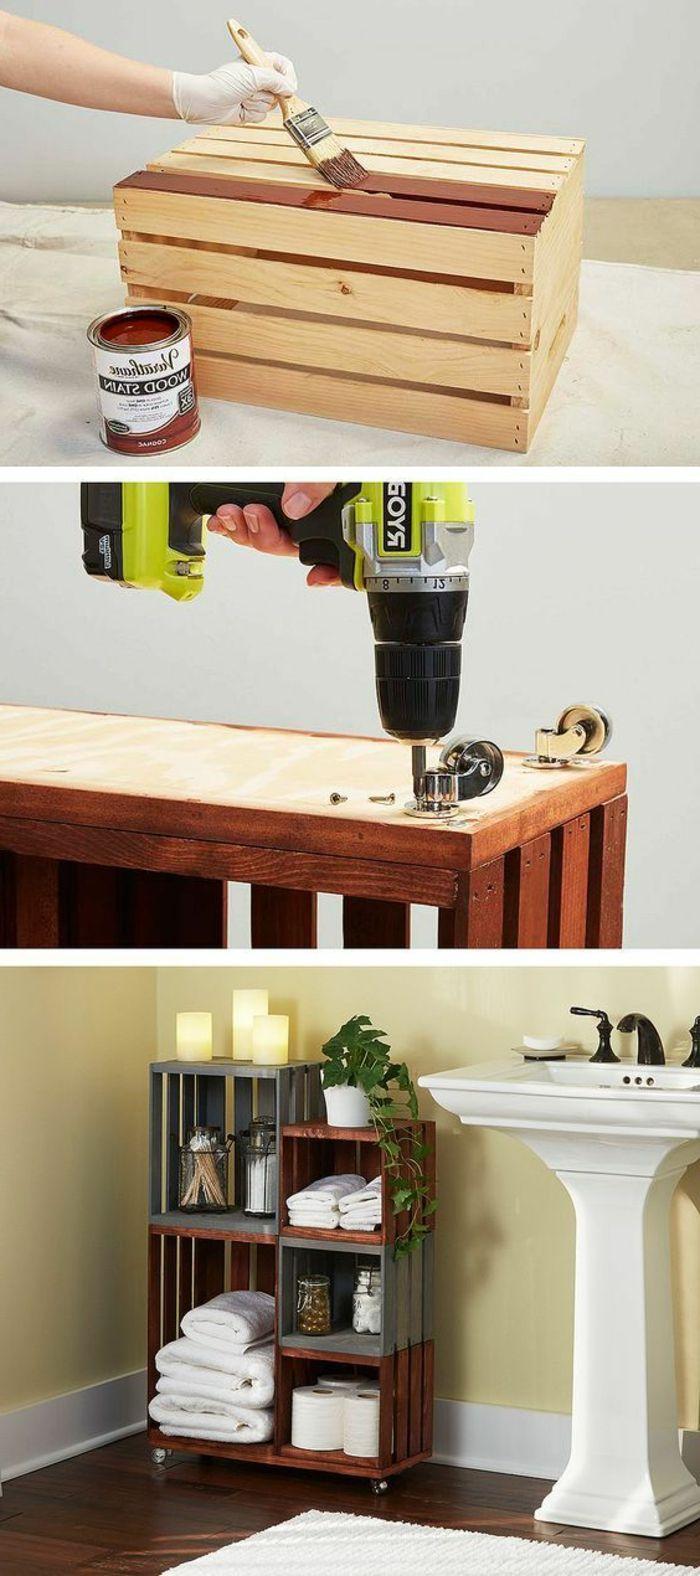 Faire Fabriquer Un Meuble ▷1001+ idées et tutos pour fabriquer un meuble en cagette